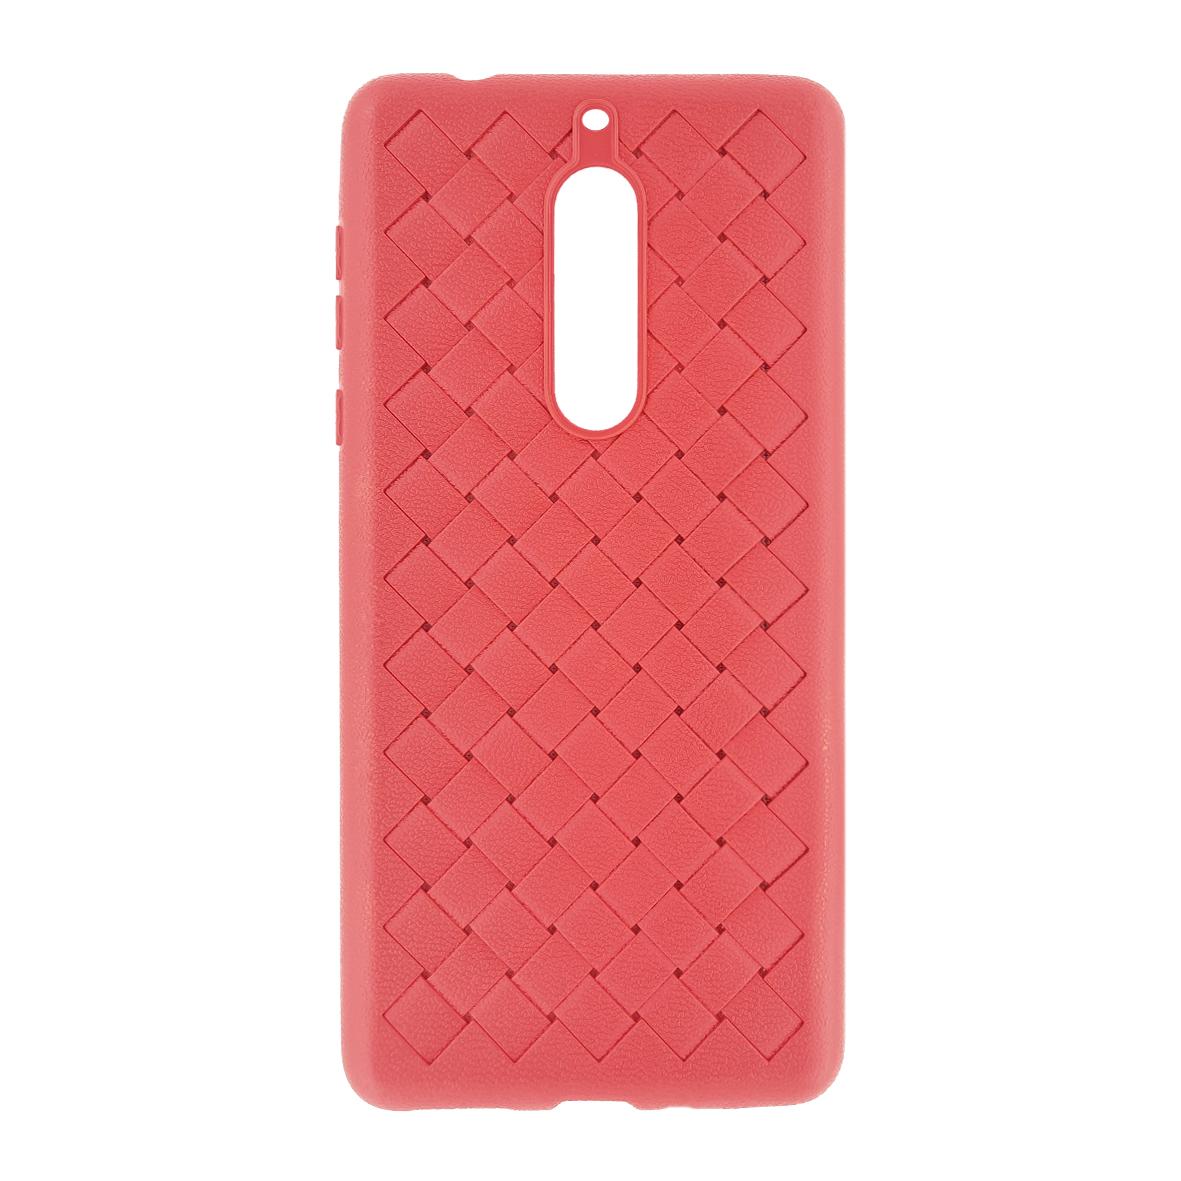 کاور مدل HS1 مناسب برای گوشی موبایل نوکیا 5